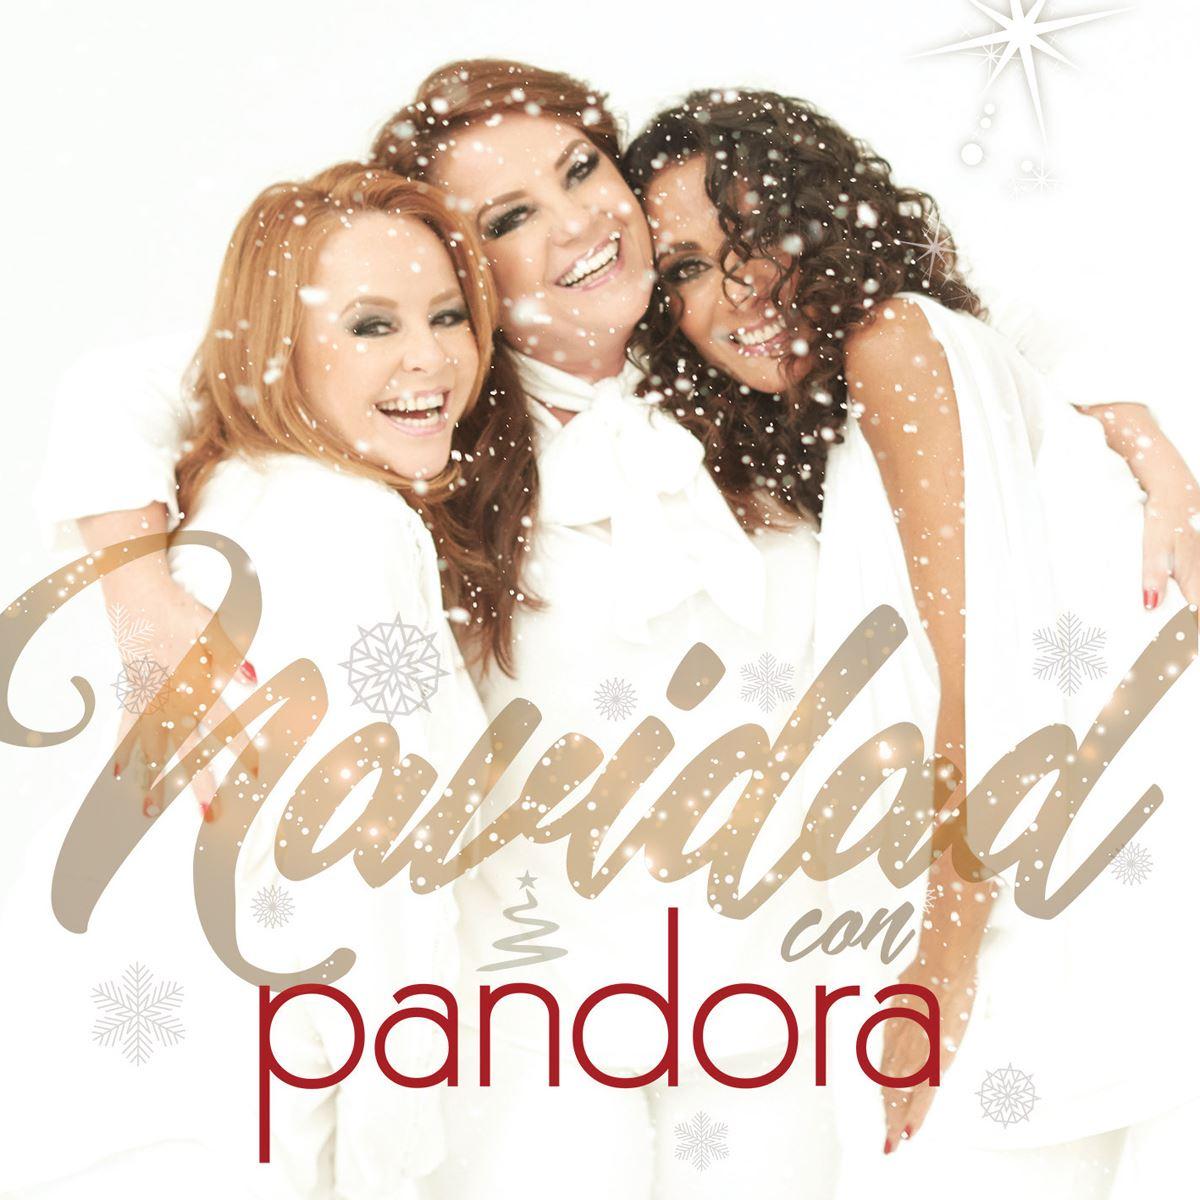 CD Pandora- Una Navidad con Pandora